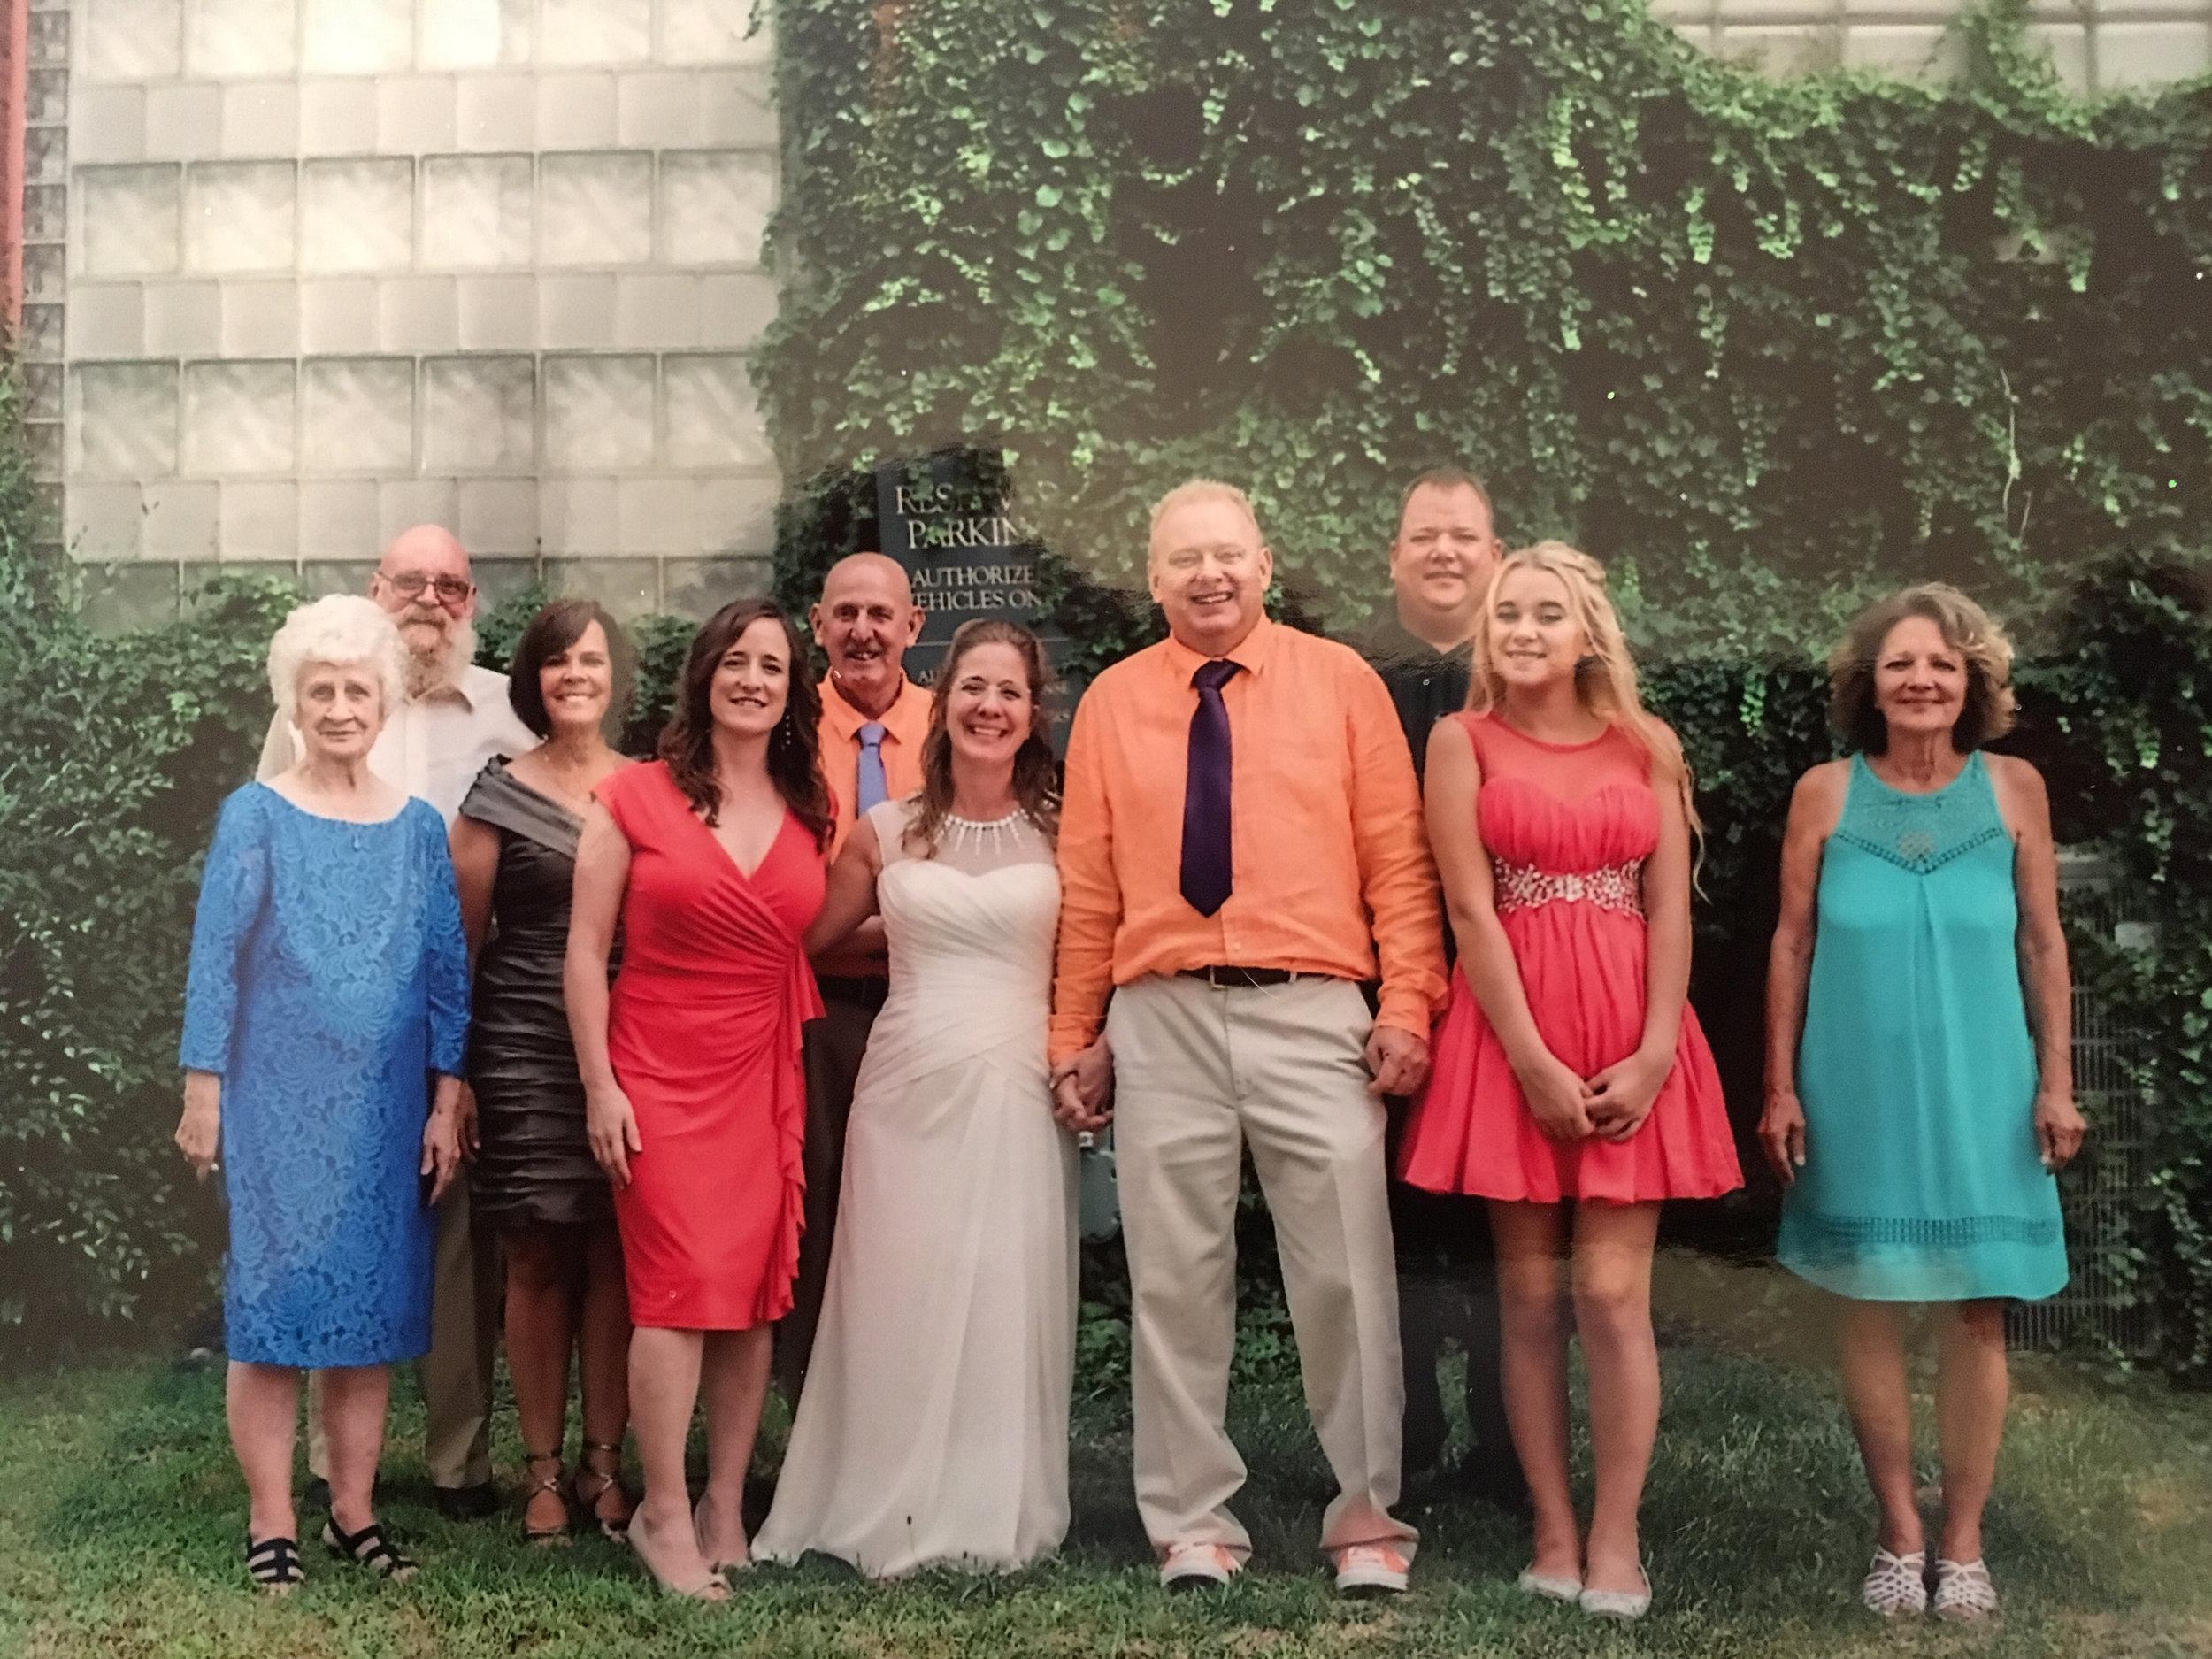 Betty Jo Peek is in the front row far left in the blue dress.